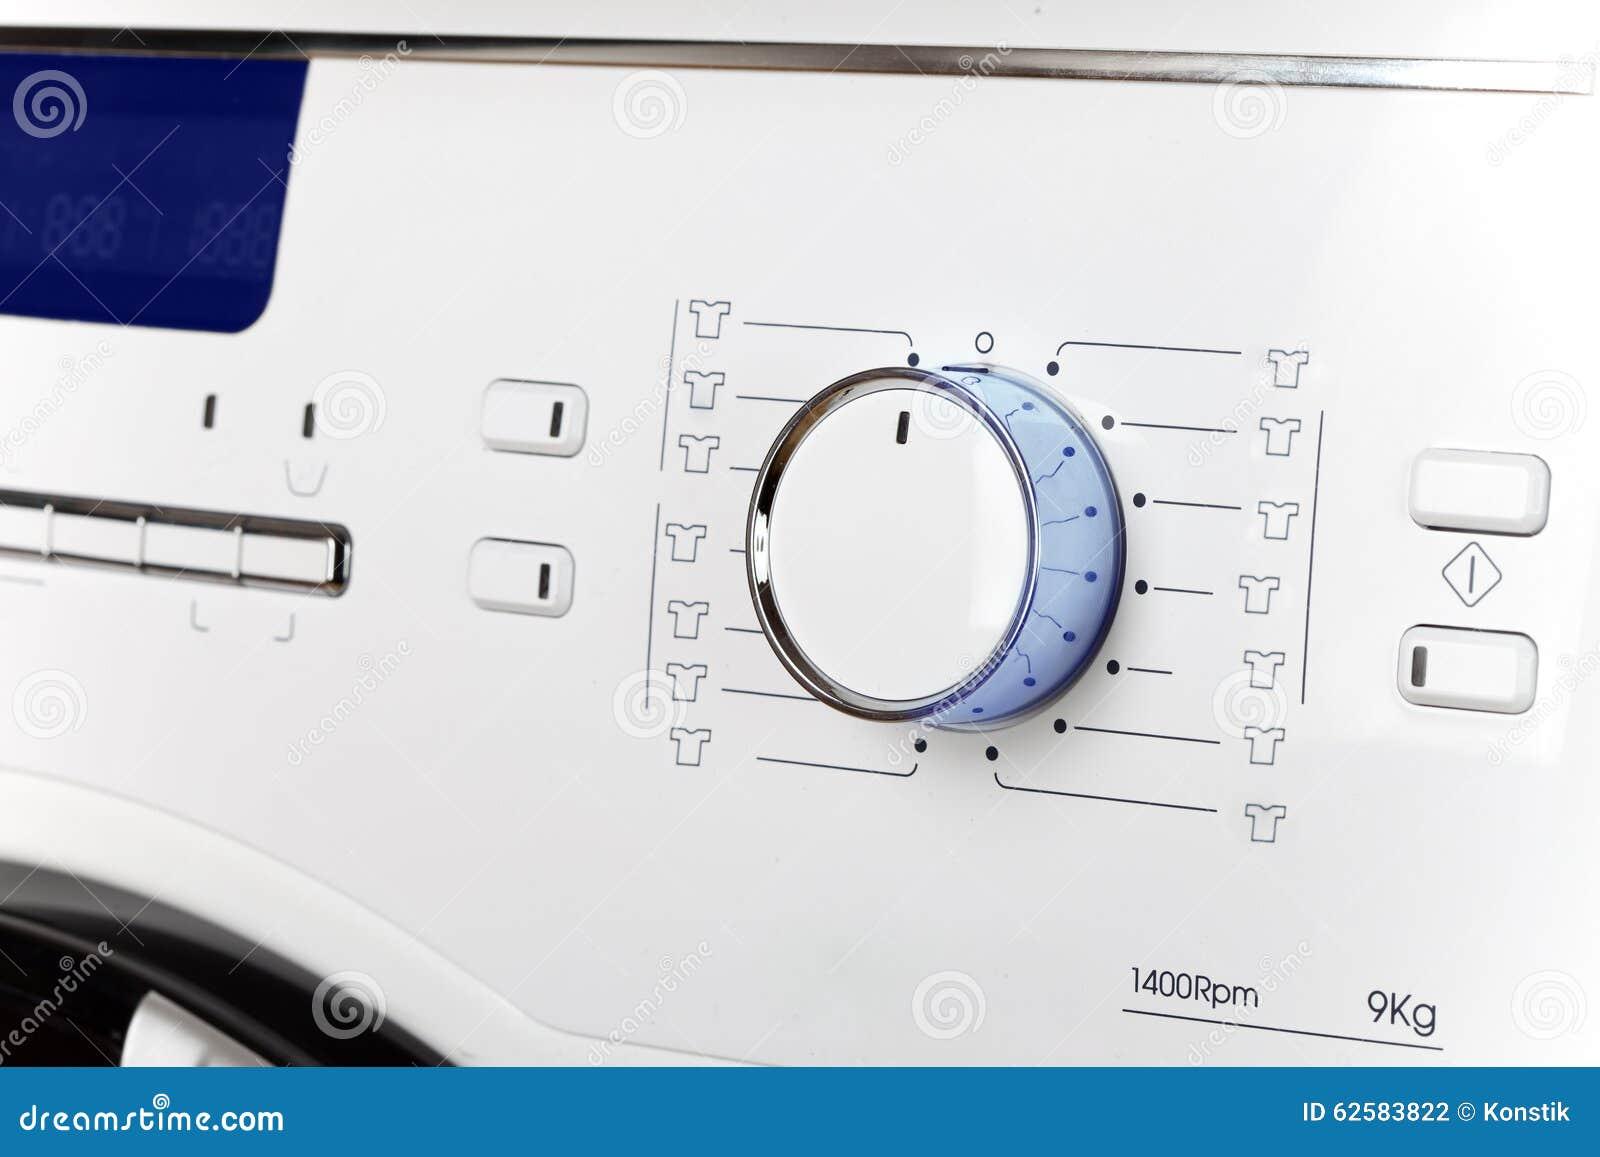 washing machine up